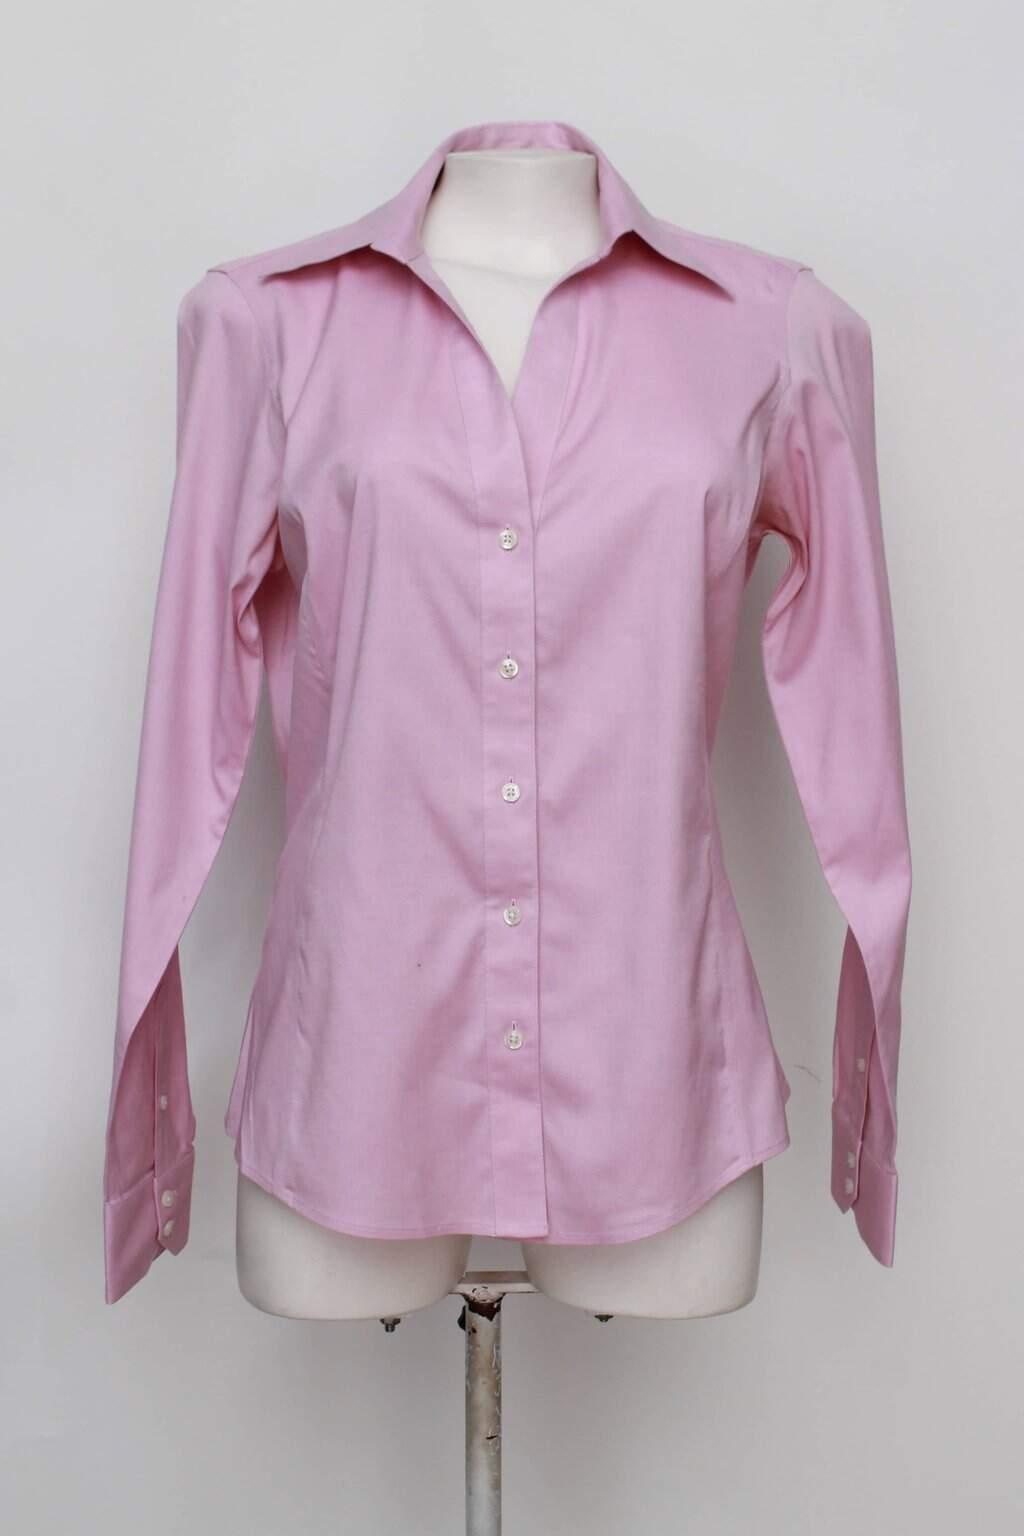 Camisa brooks brothers feminina rosa